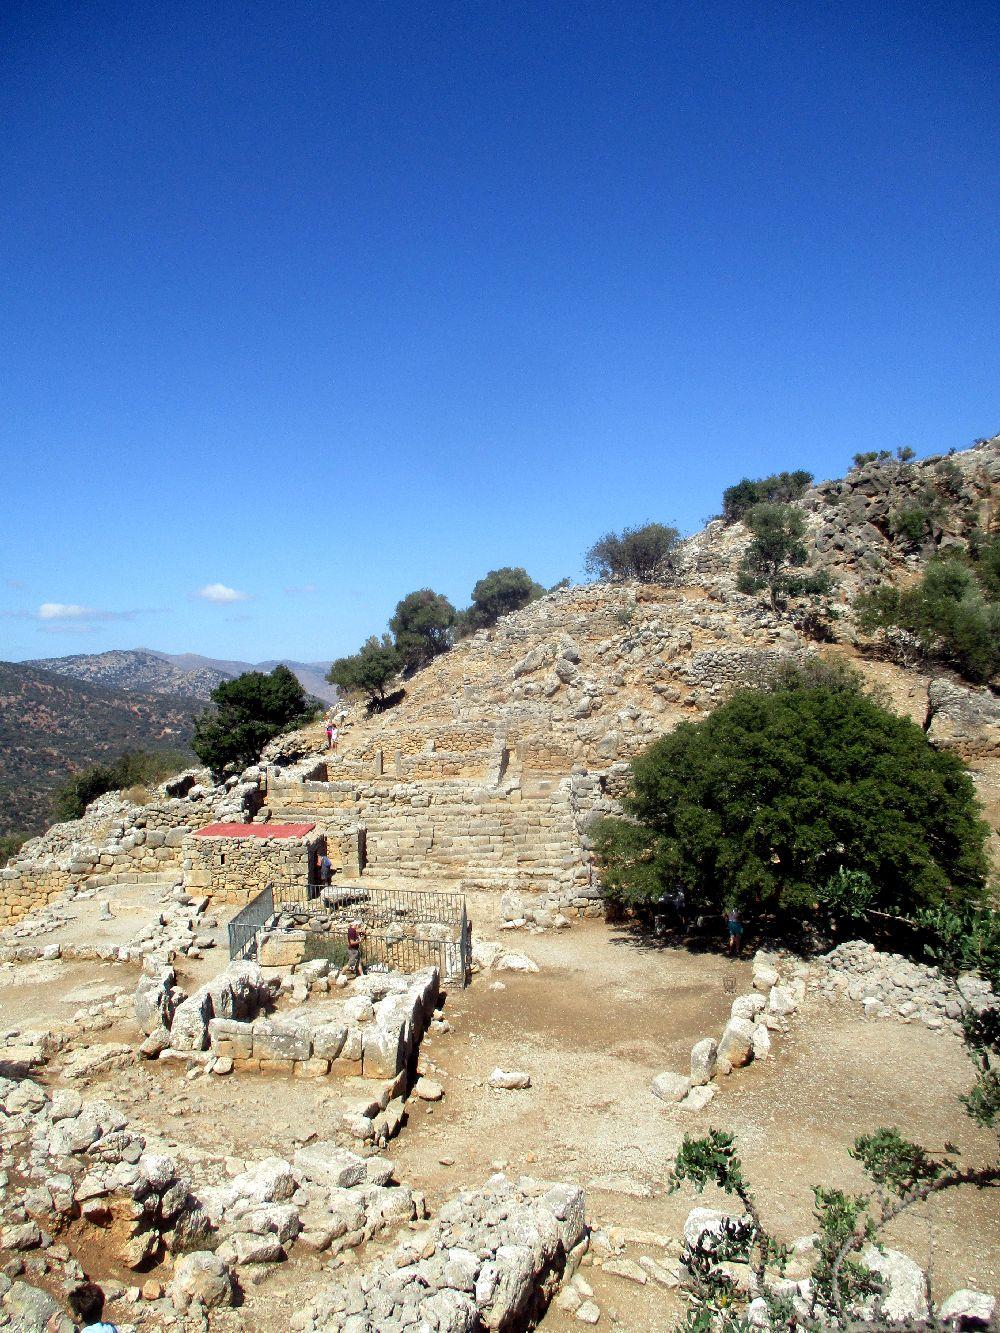 Die westhangbesiedlung der hellenistischen Siedlung Lato. Ruinen zeihen sich durchgestuft den Berghang hoch.